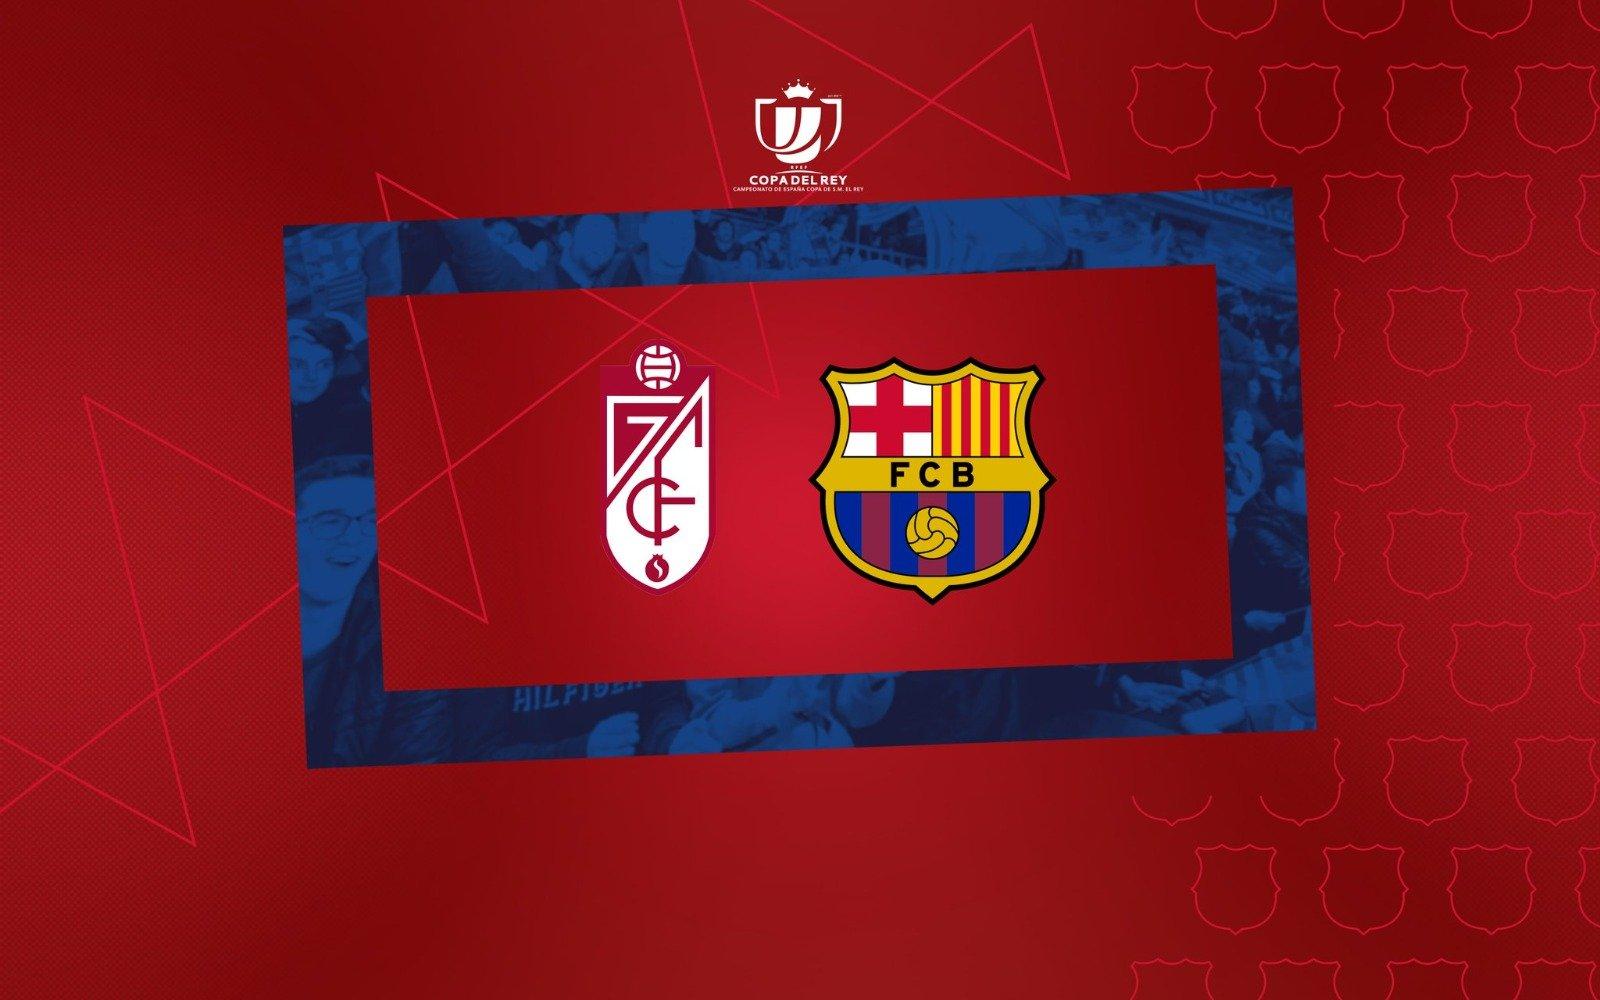 برشلونه ضد غرناطه فى ربع نهائي كأس ملك اسبانيا موسم 2020/2021